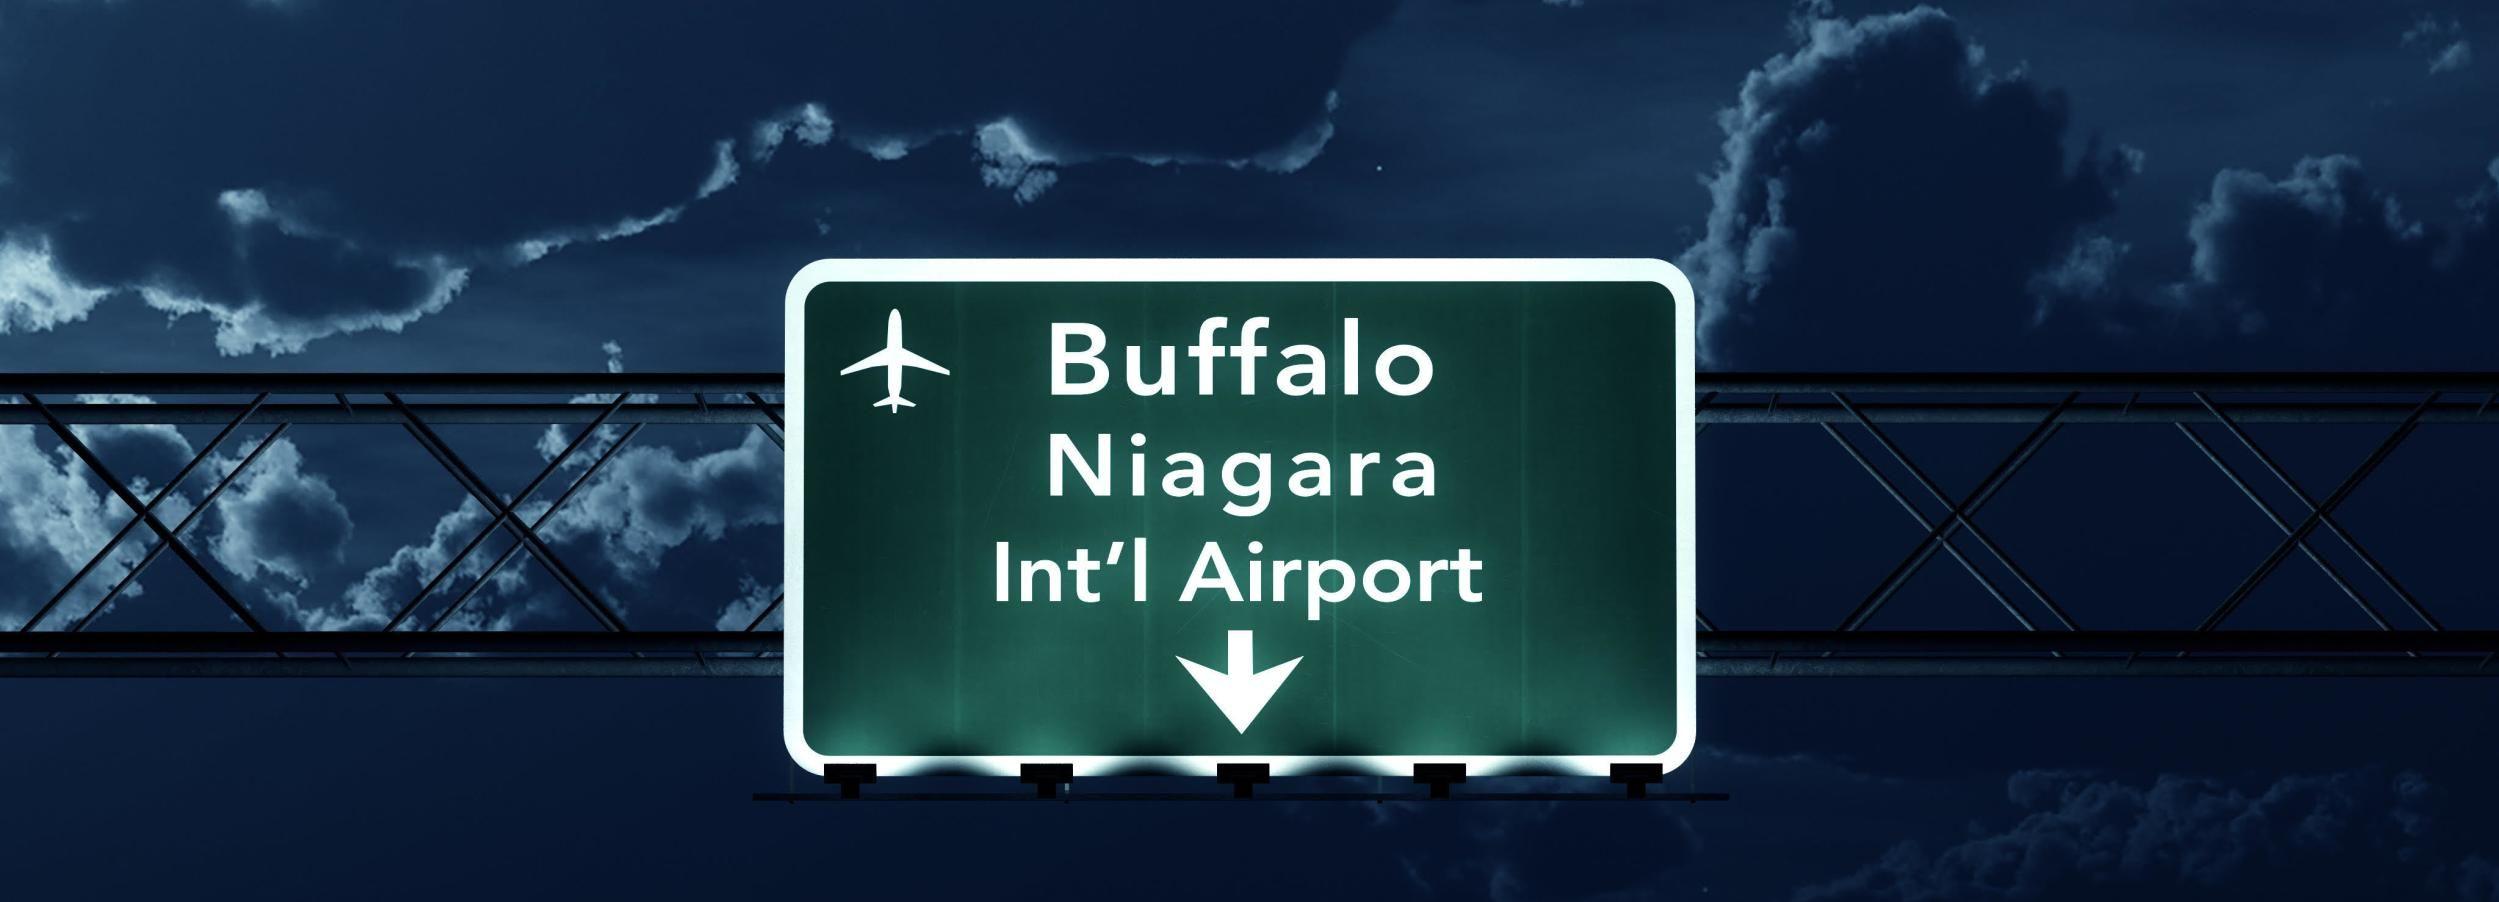 Trasferimento condiviso tra l'aeroporto di Buffalo e le cascate del Niagara